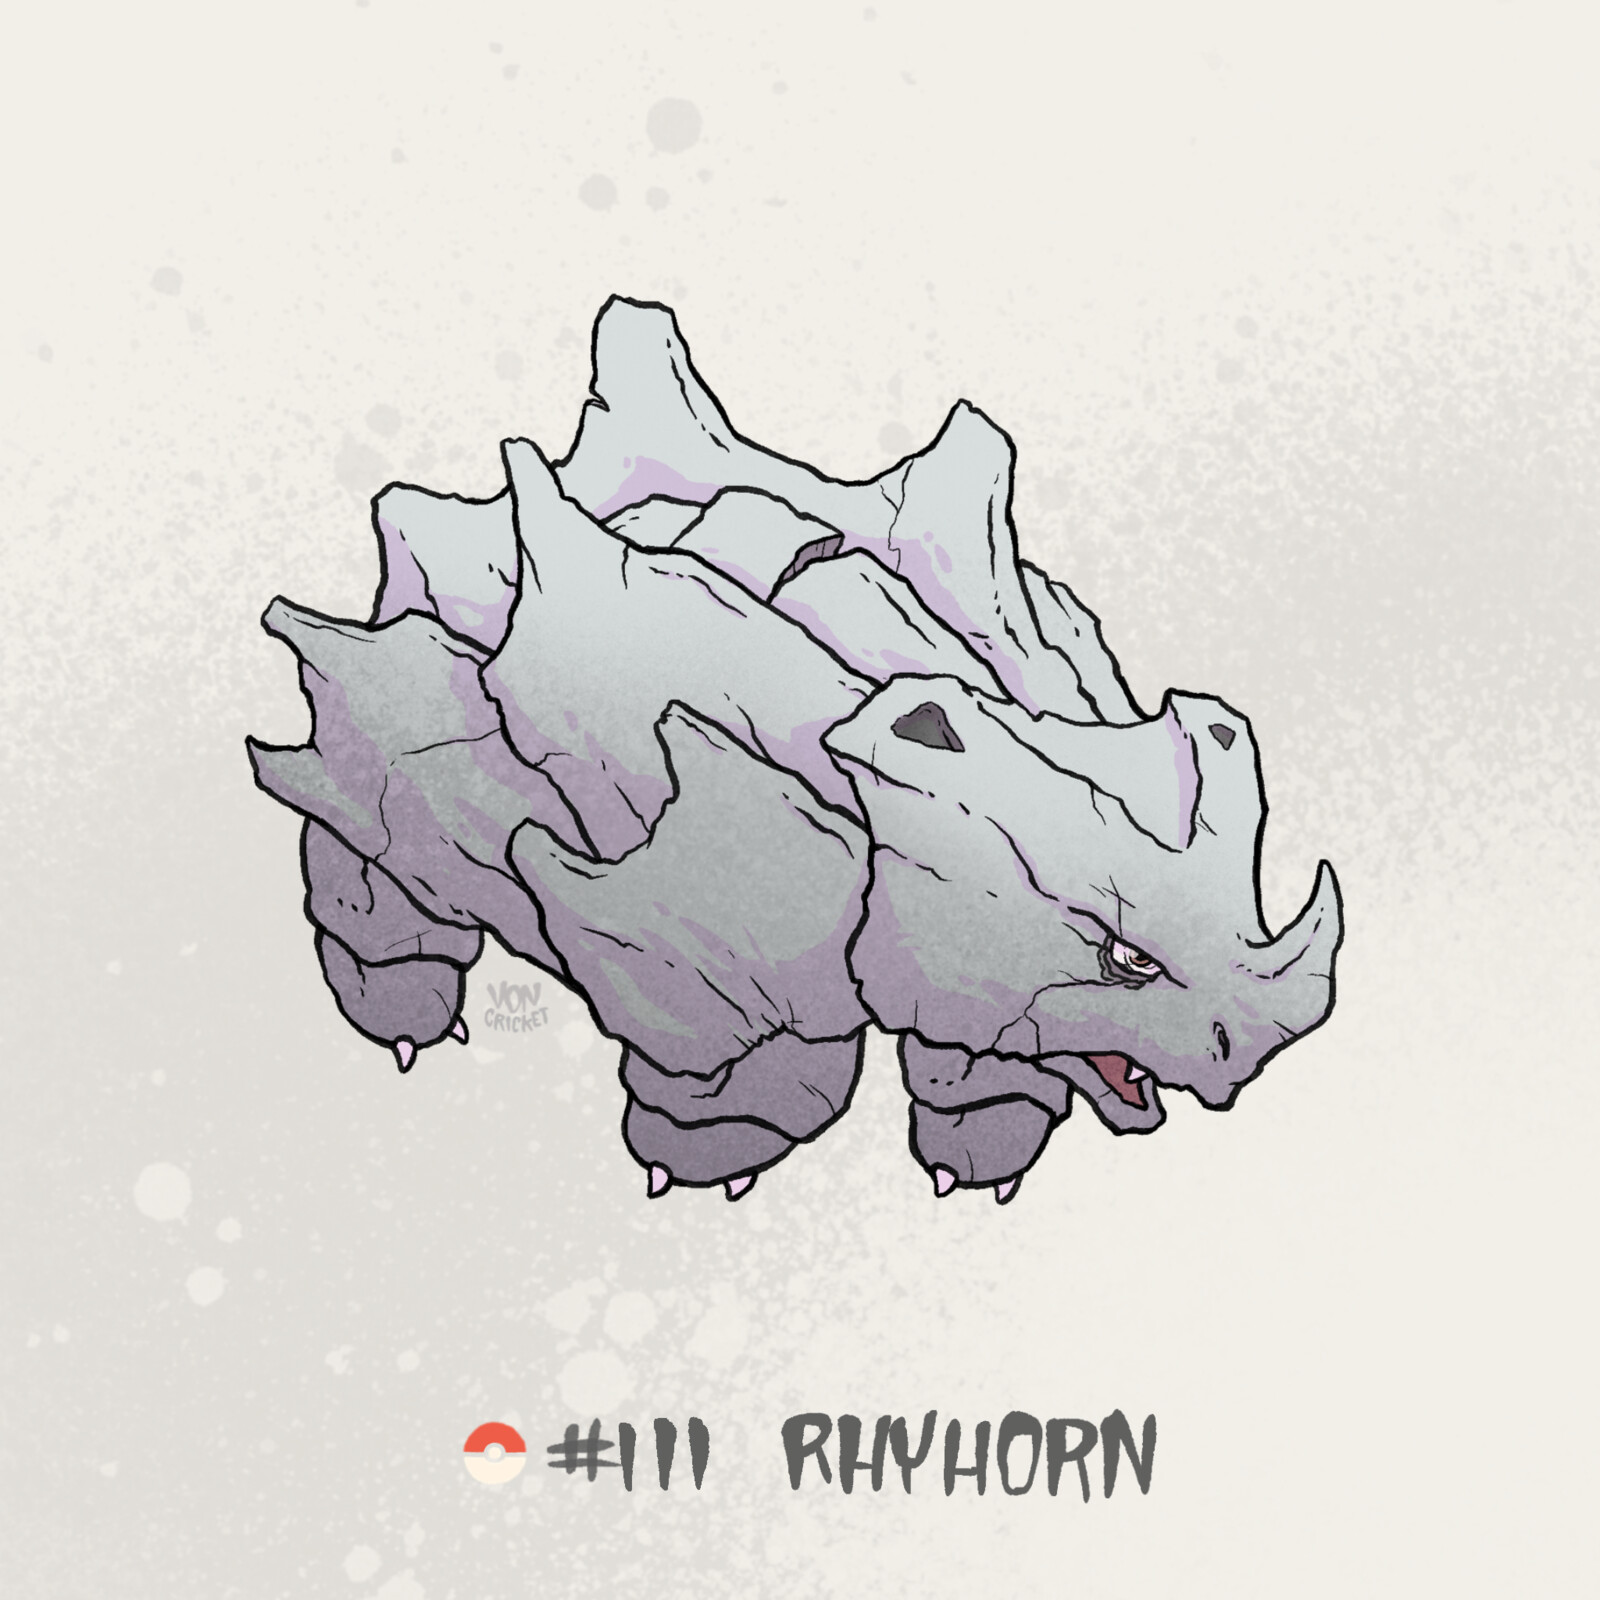 #111 Rhyhorn